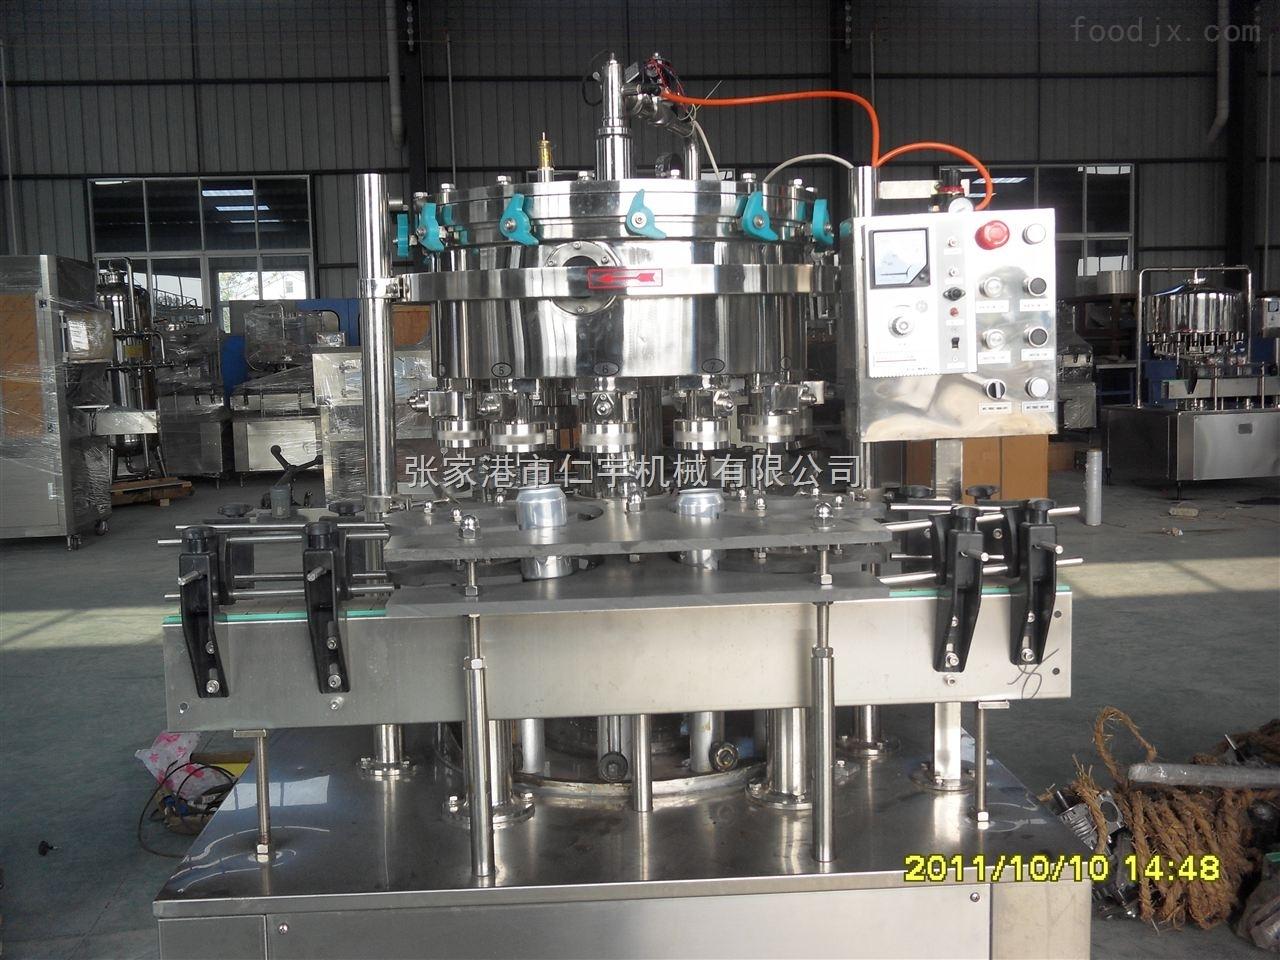 大桶灌装机_中国食品机械设备网